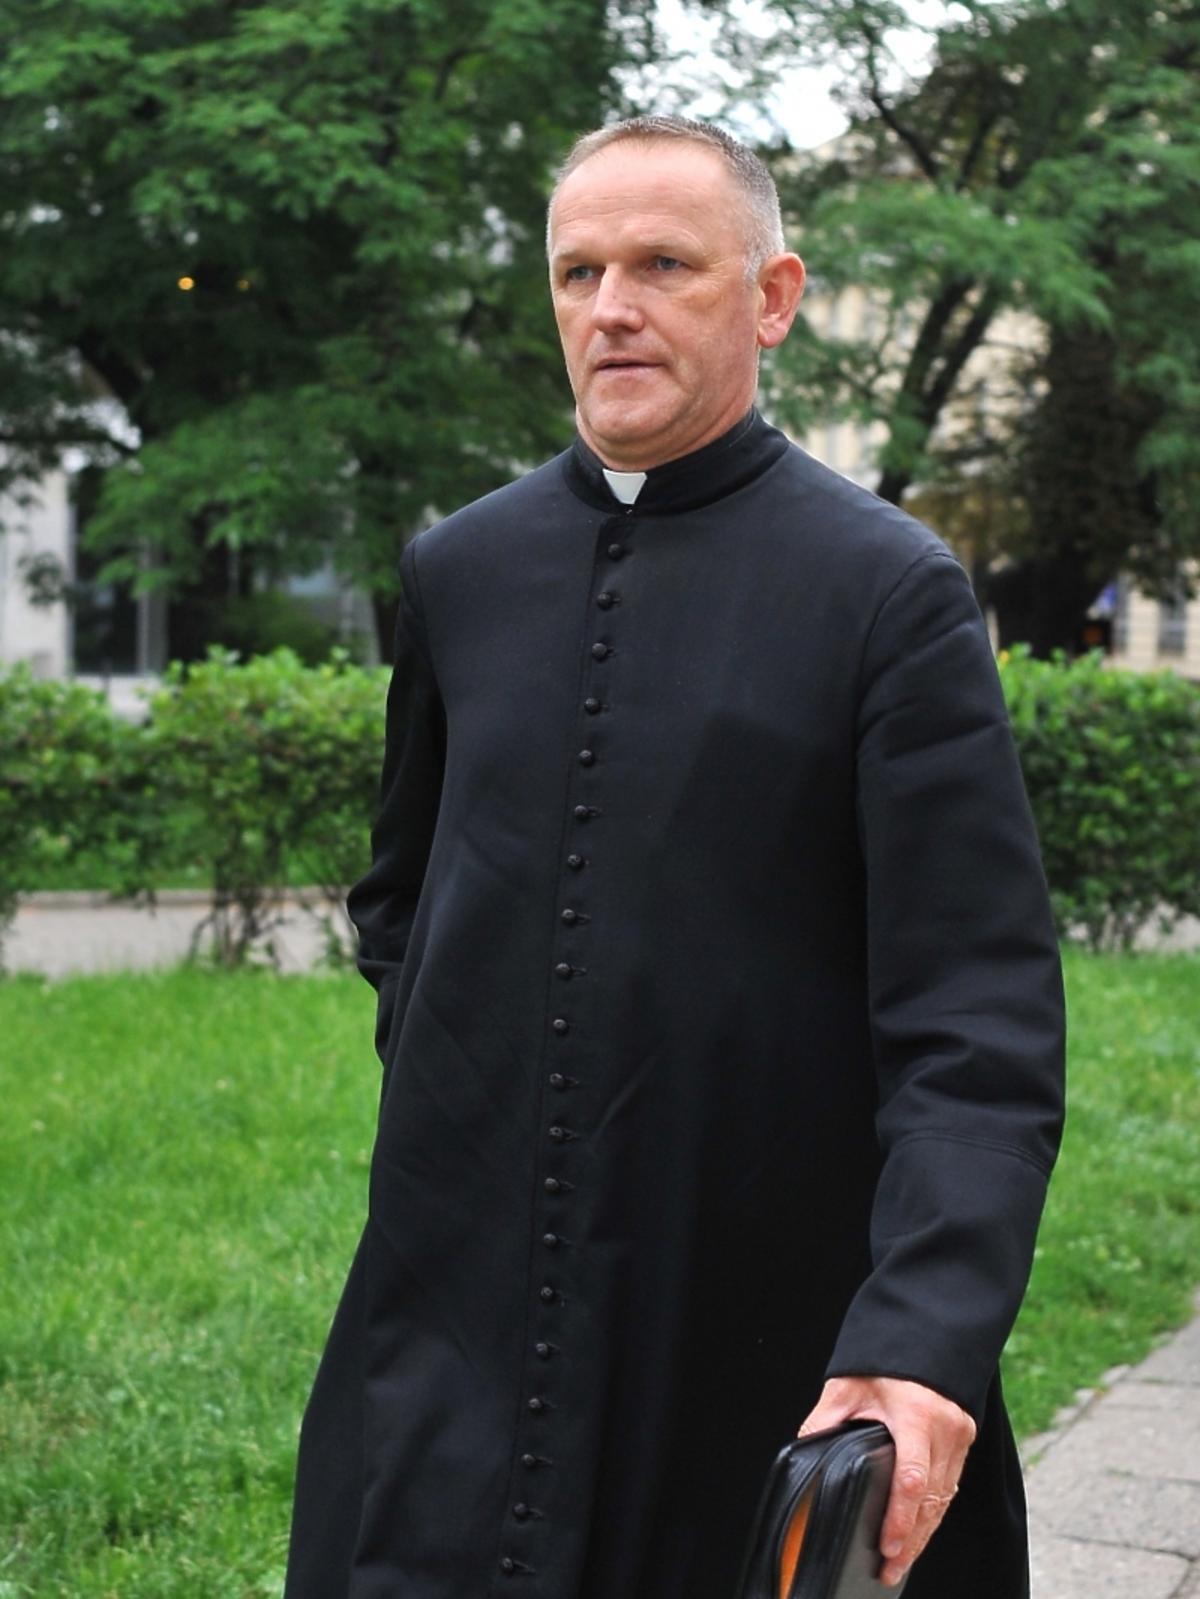 Wojciech Lemański - Msza w intencji Małgorzaty Braunek